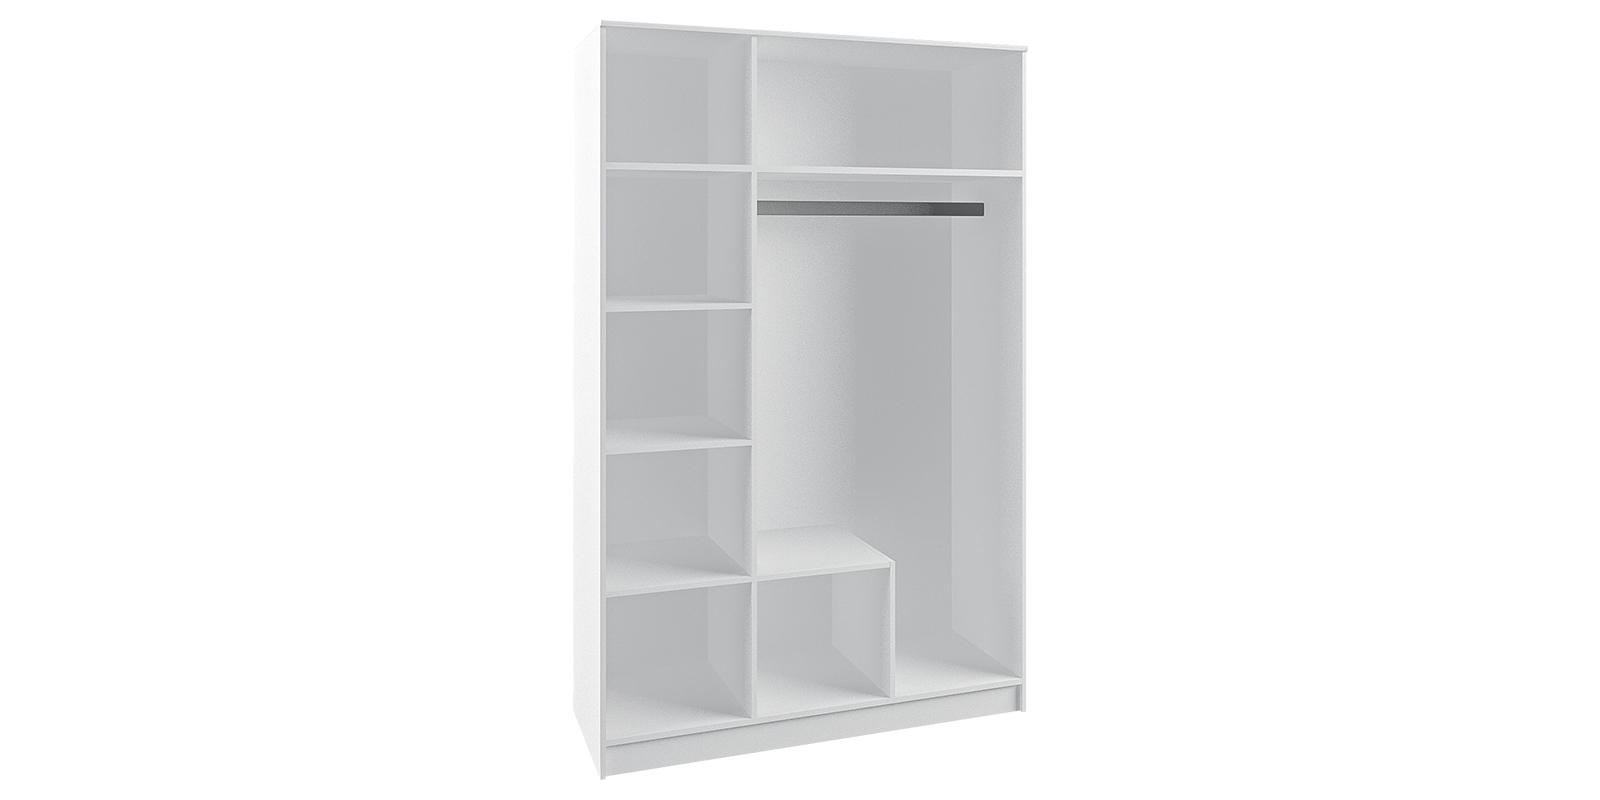 Шкаф распашной трехдверный Диамант вариант №1 (белый) от HomeMe.ru